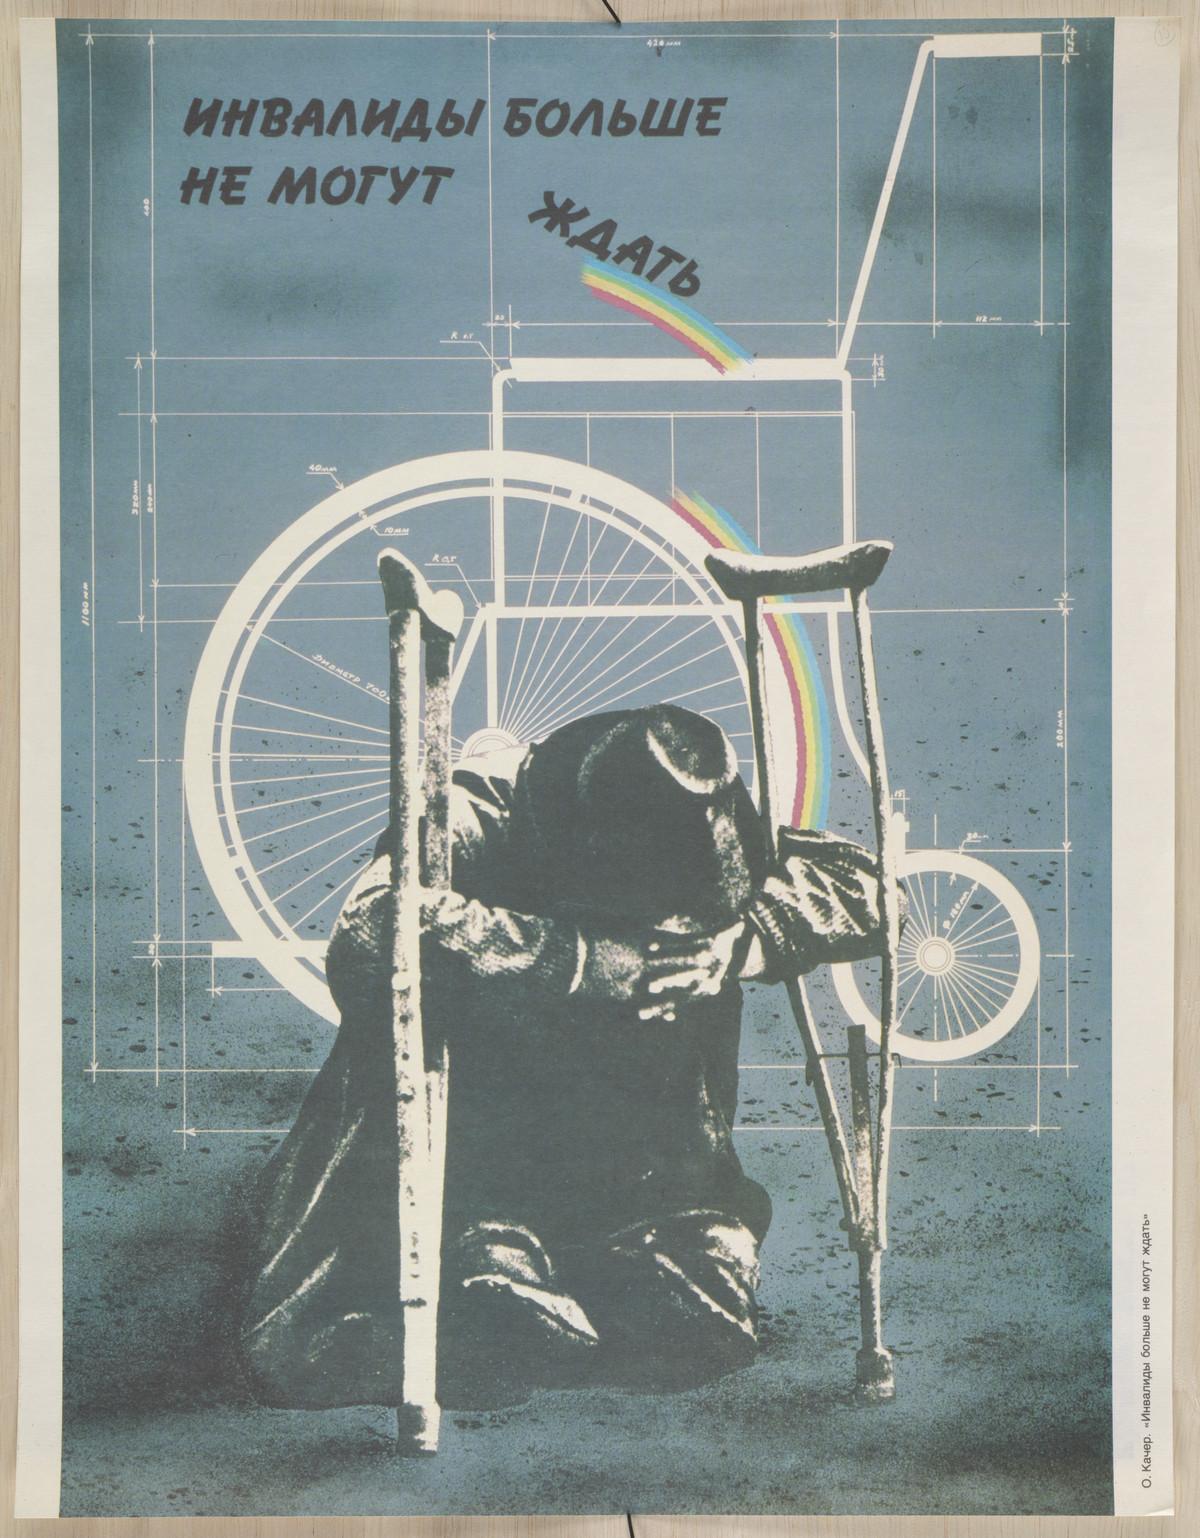 sovetskie-kommunisticheskie-plakaty_50